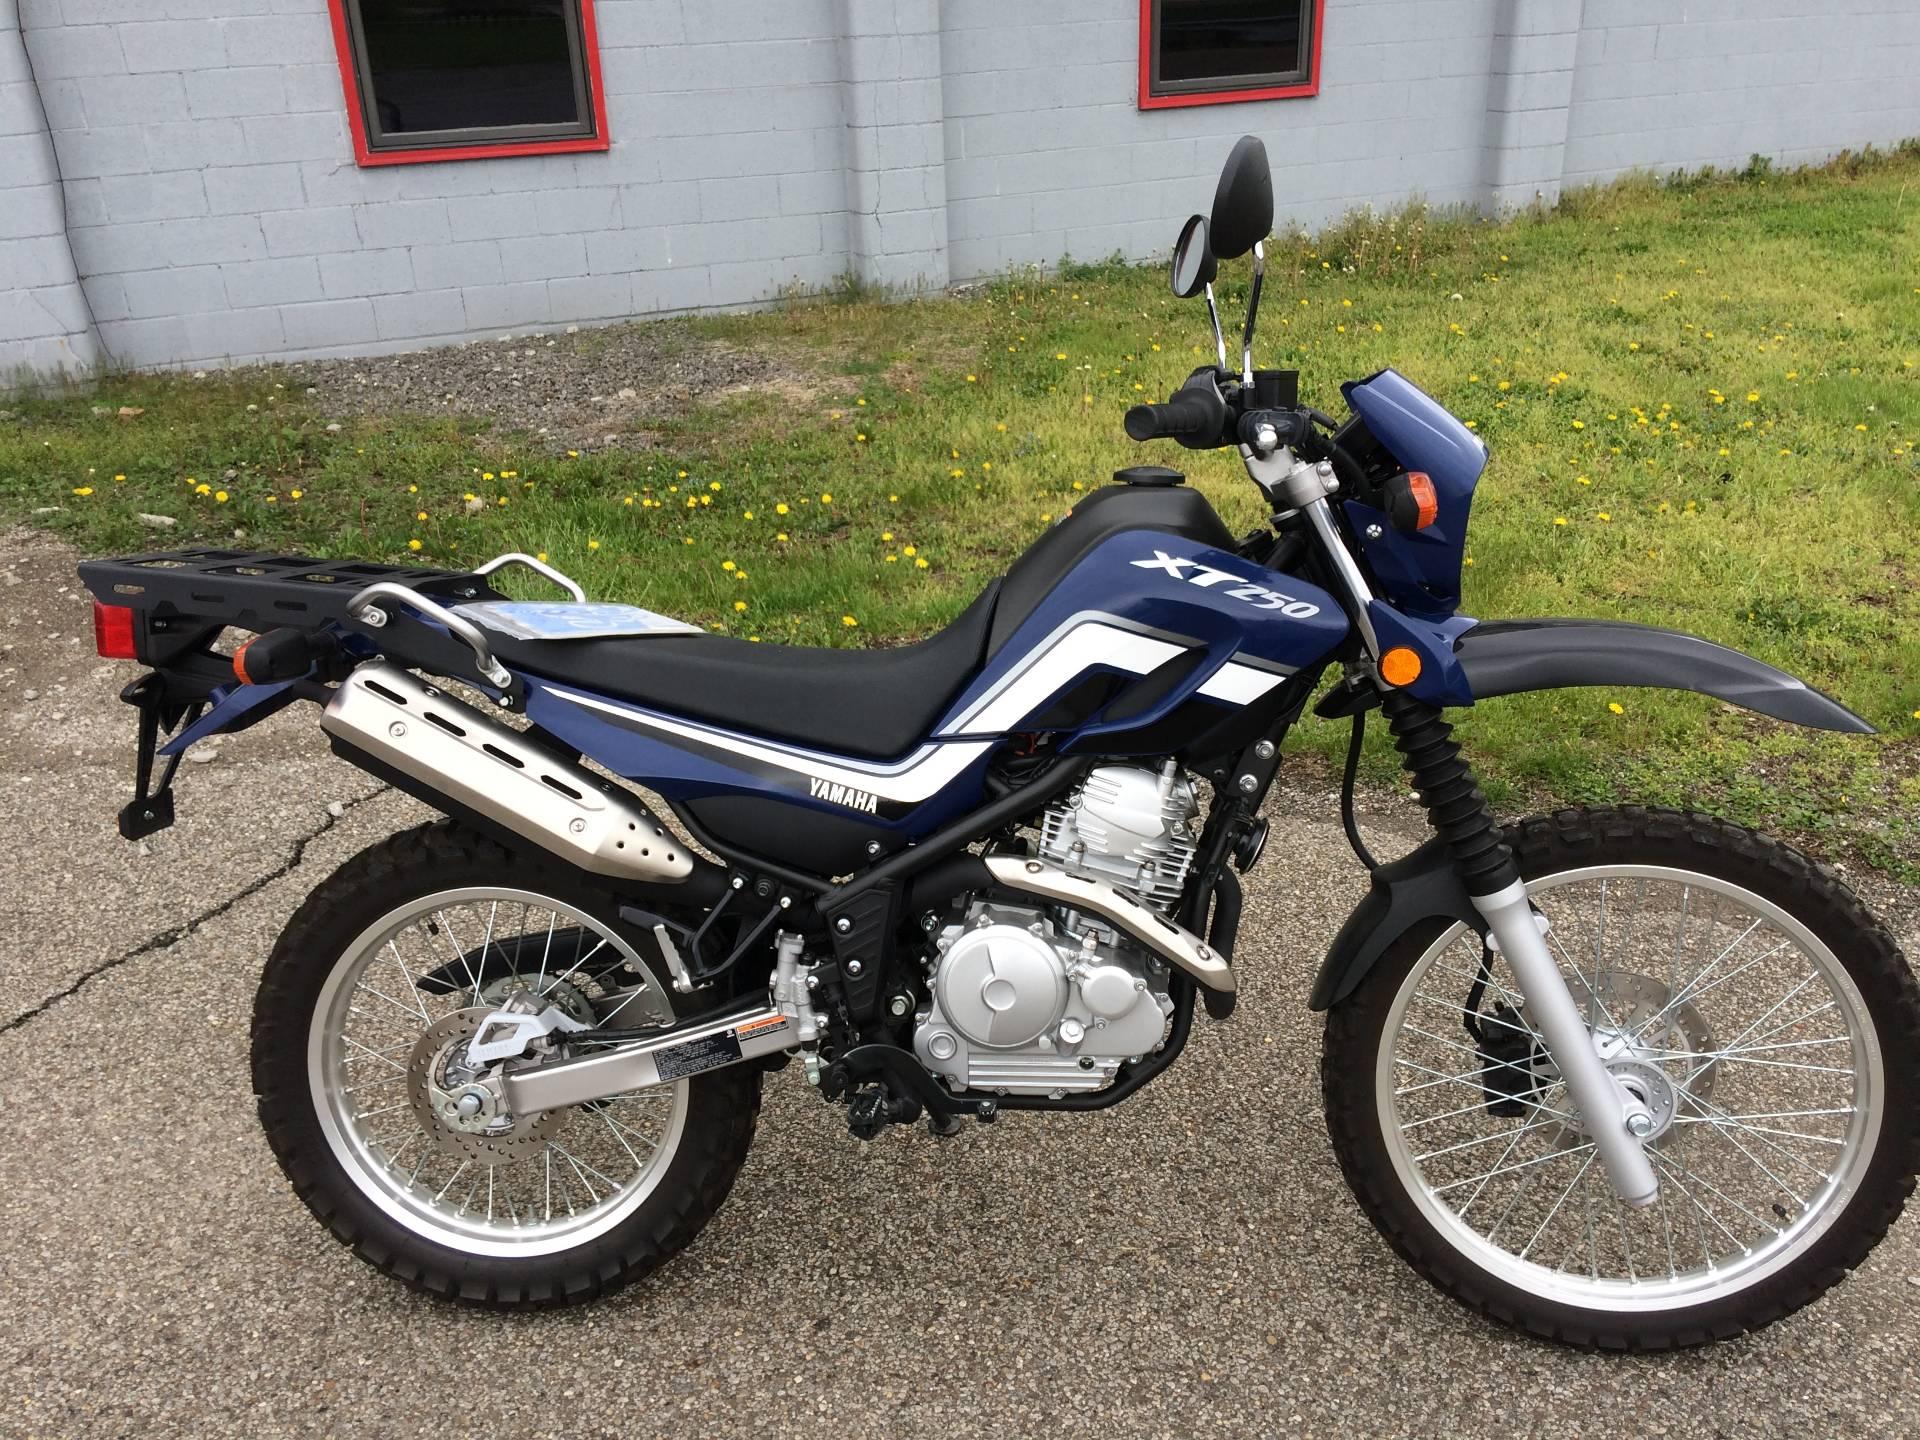 2016 Yamaha XT250 for sale 149222